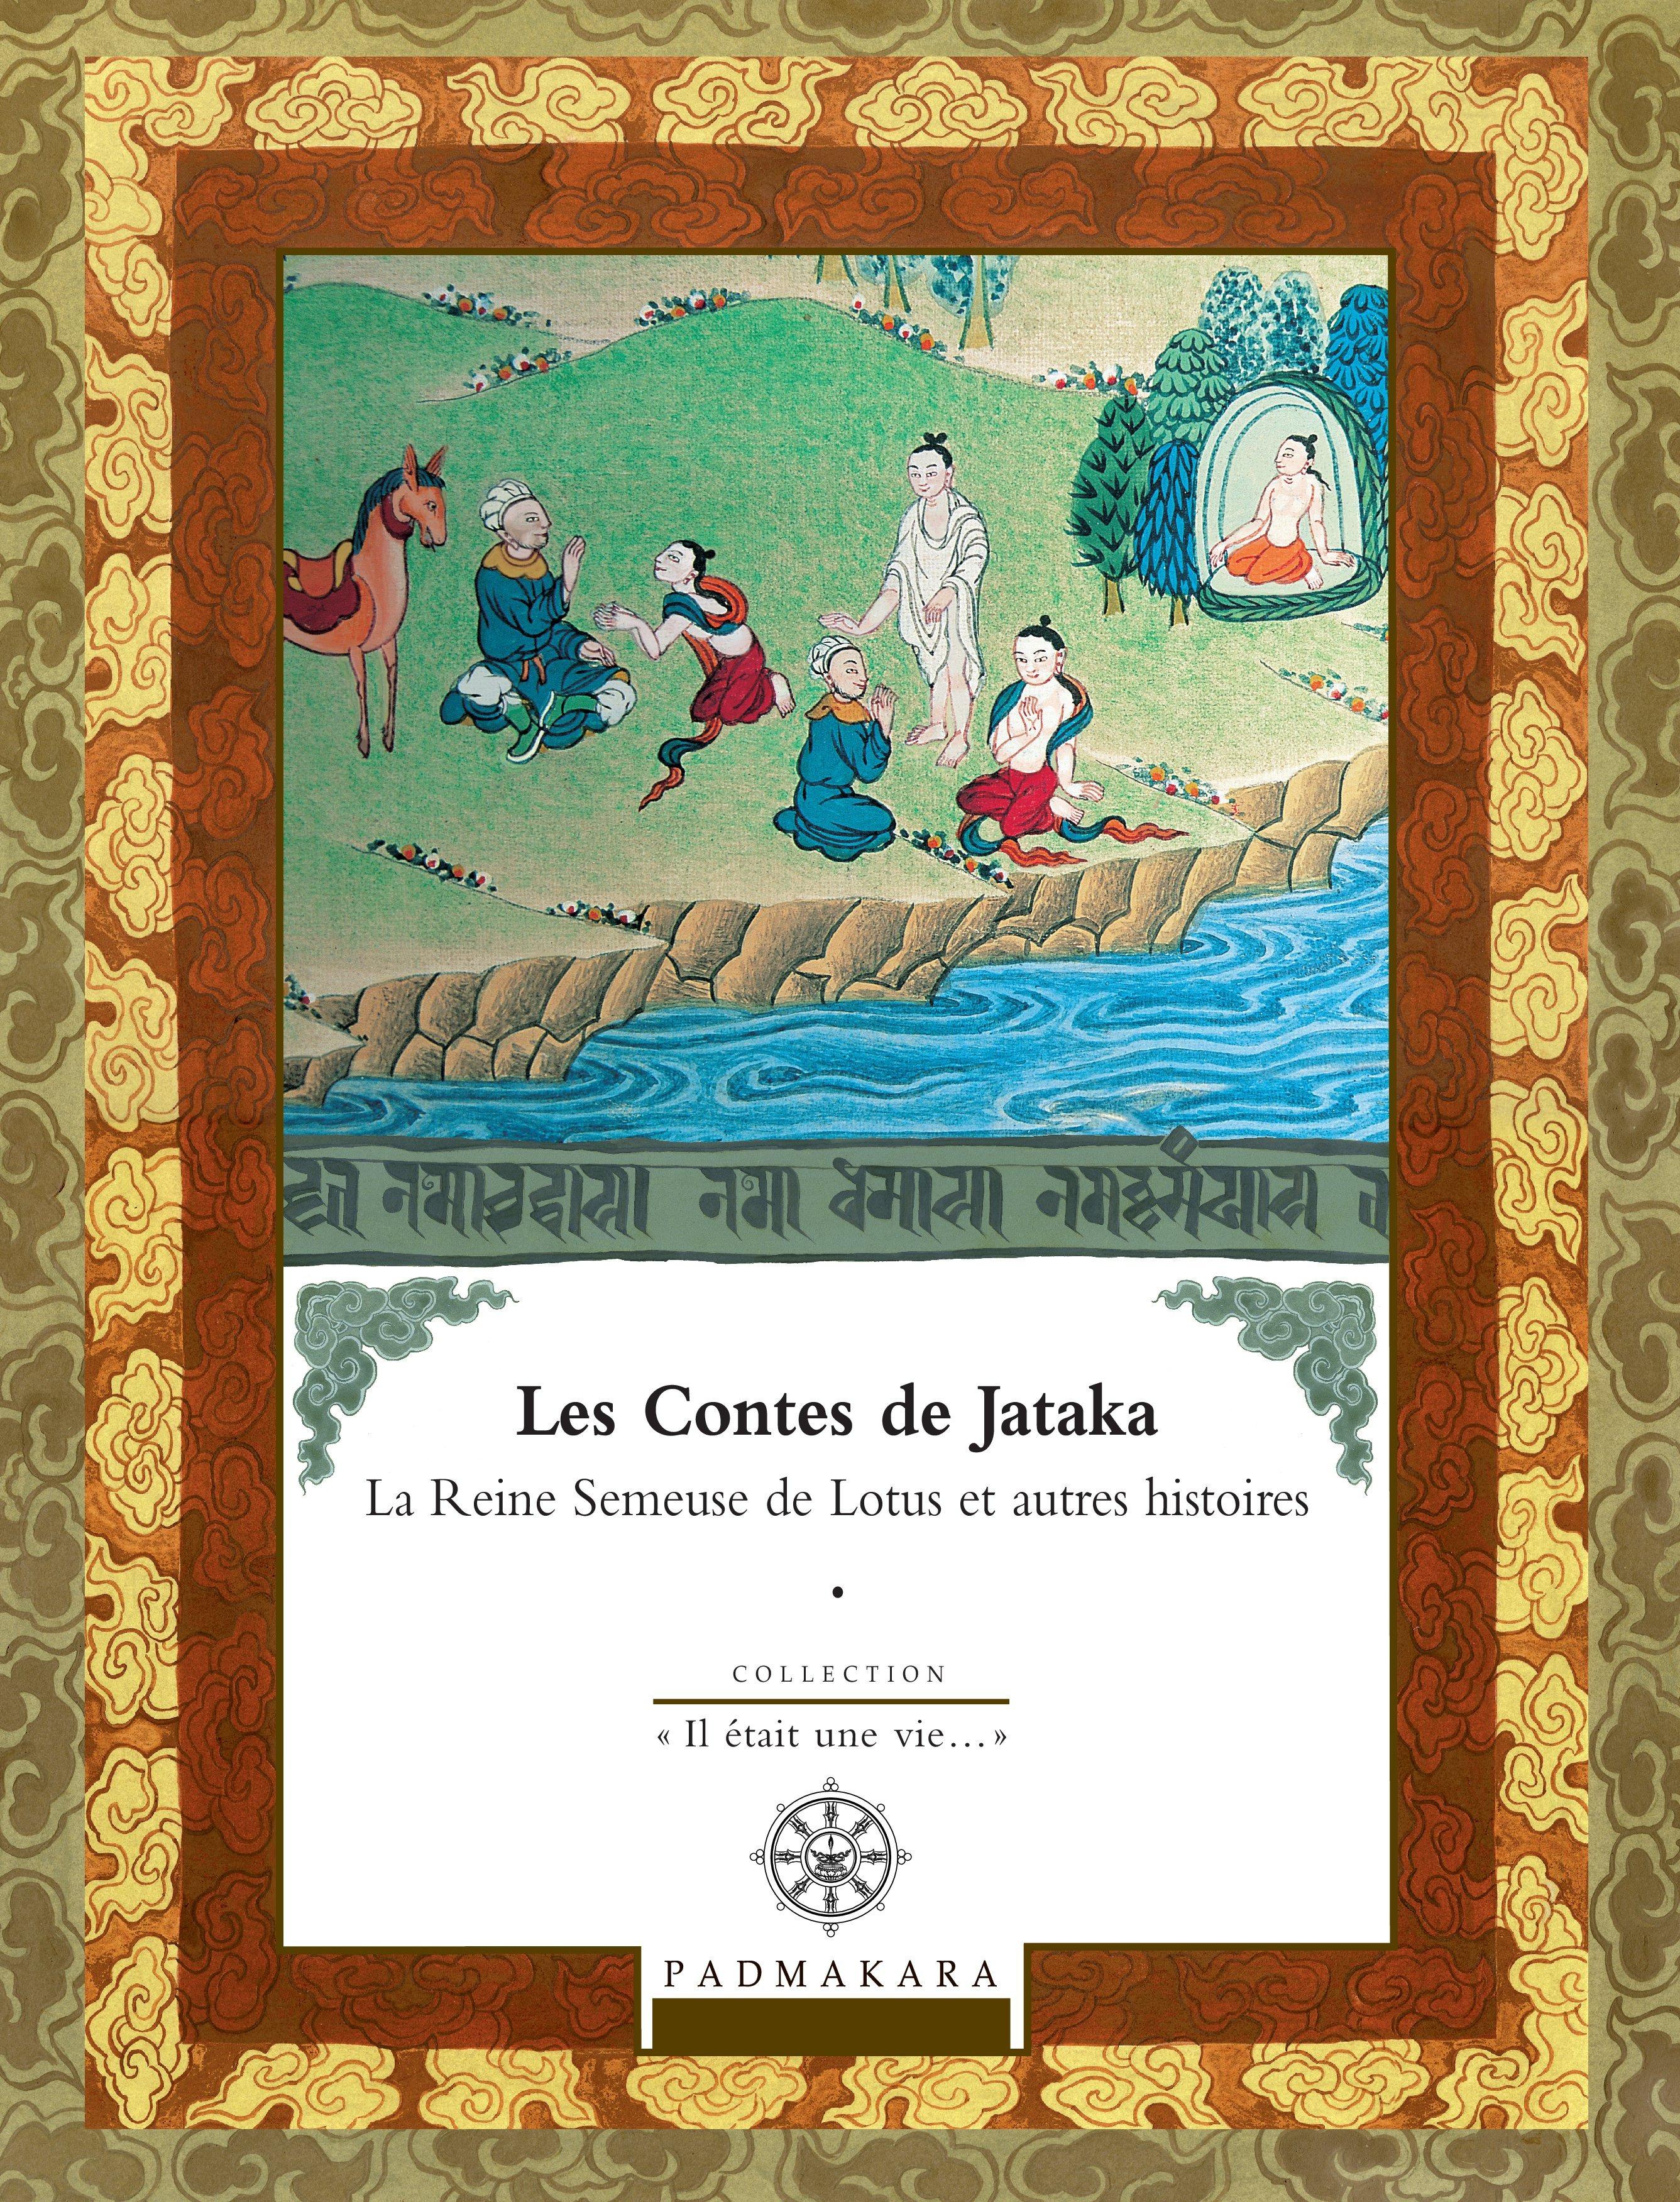 Les contes de jataka la reine semeuse de lotis et autres histoires - vol 4